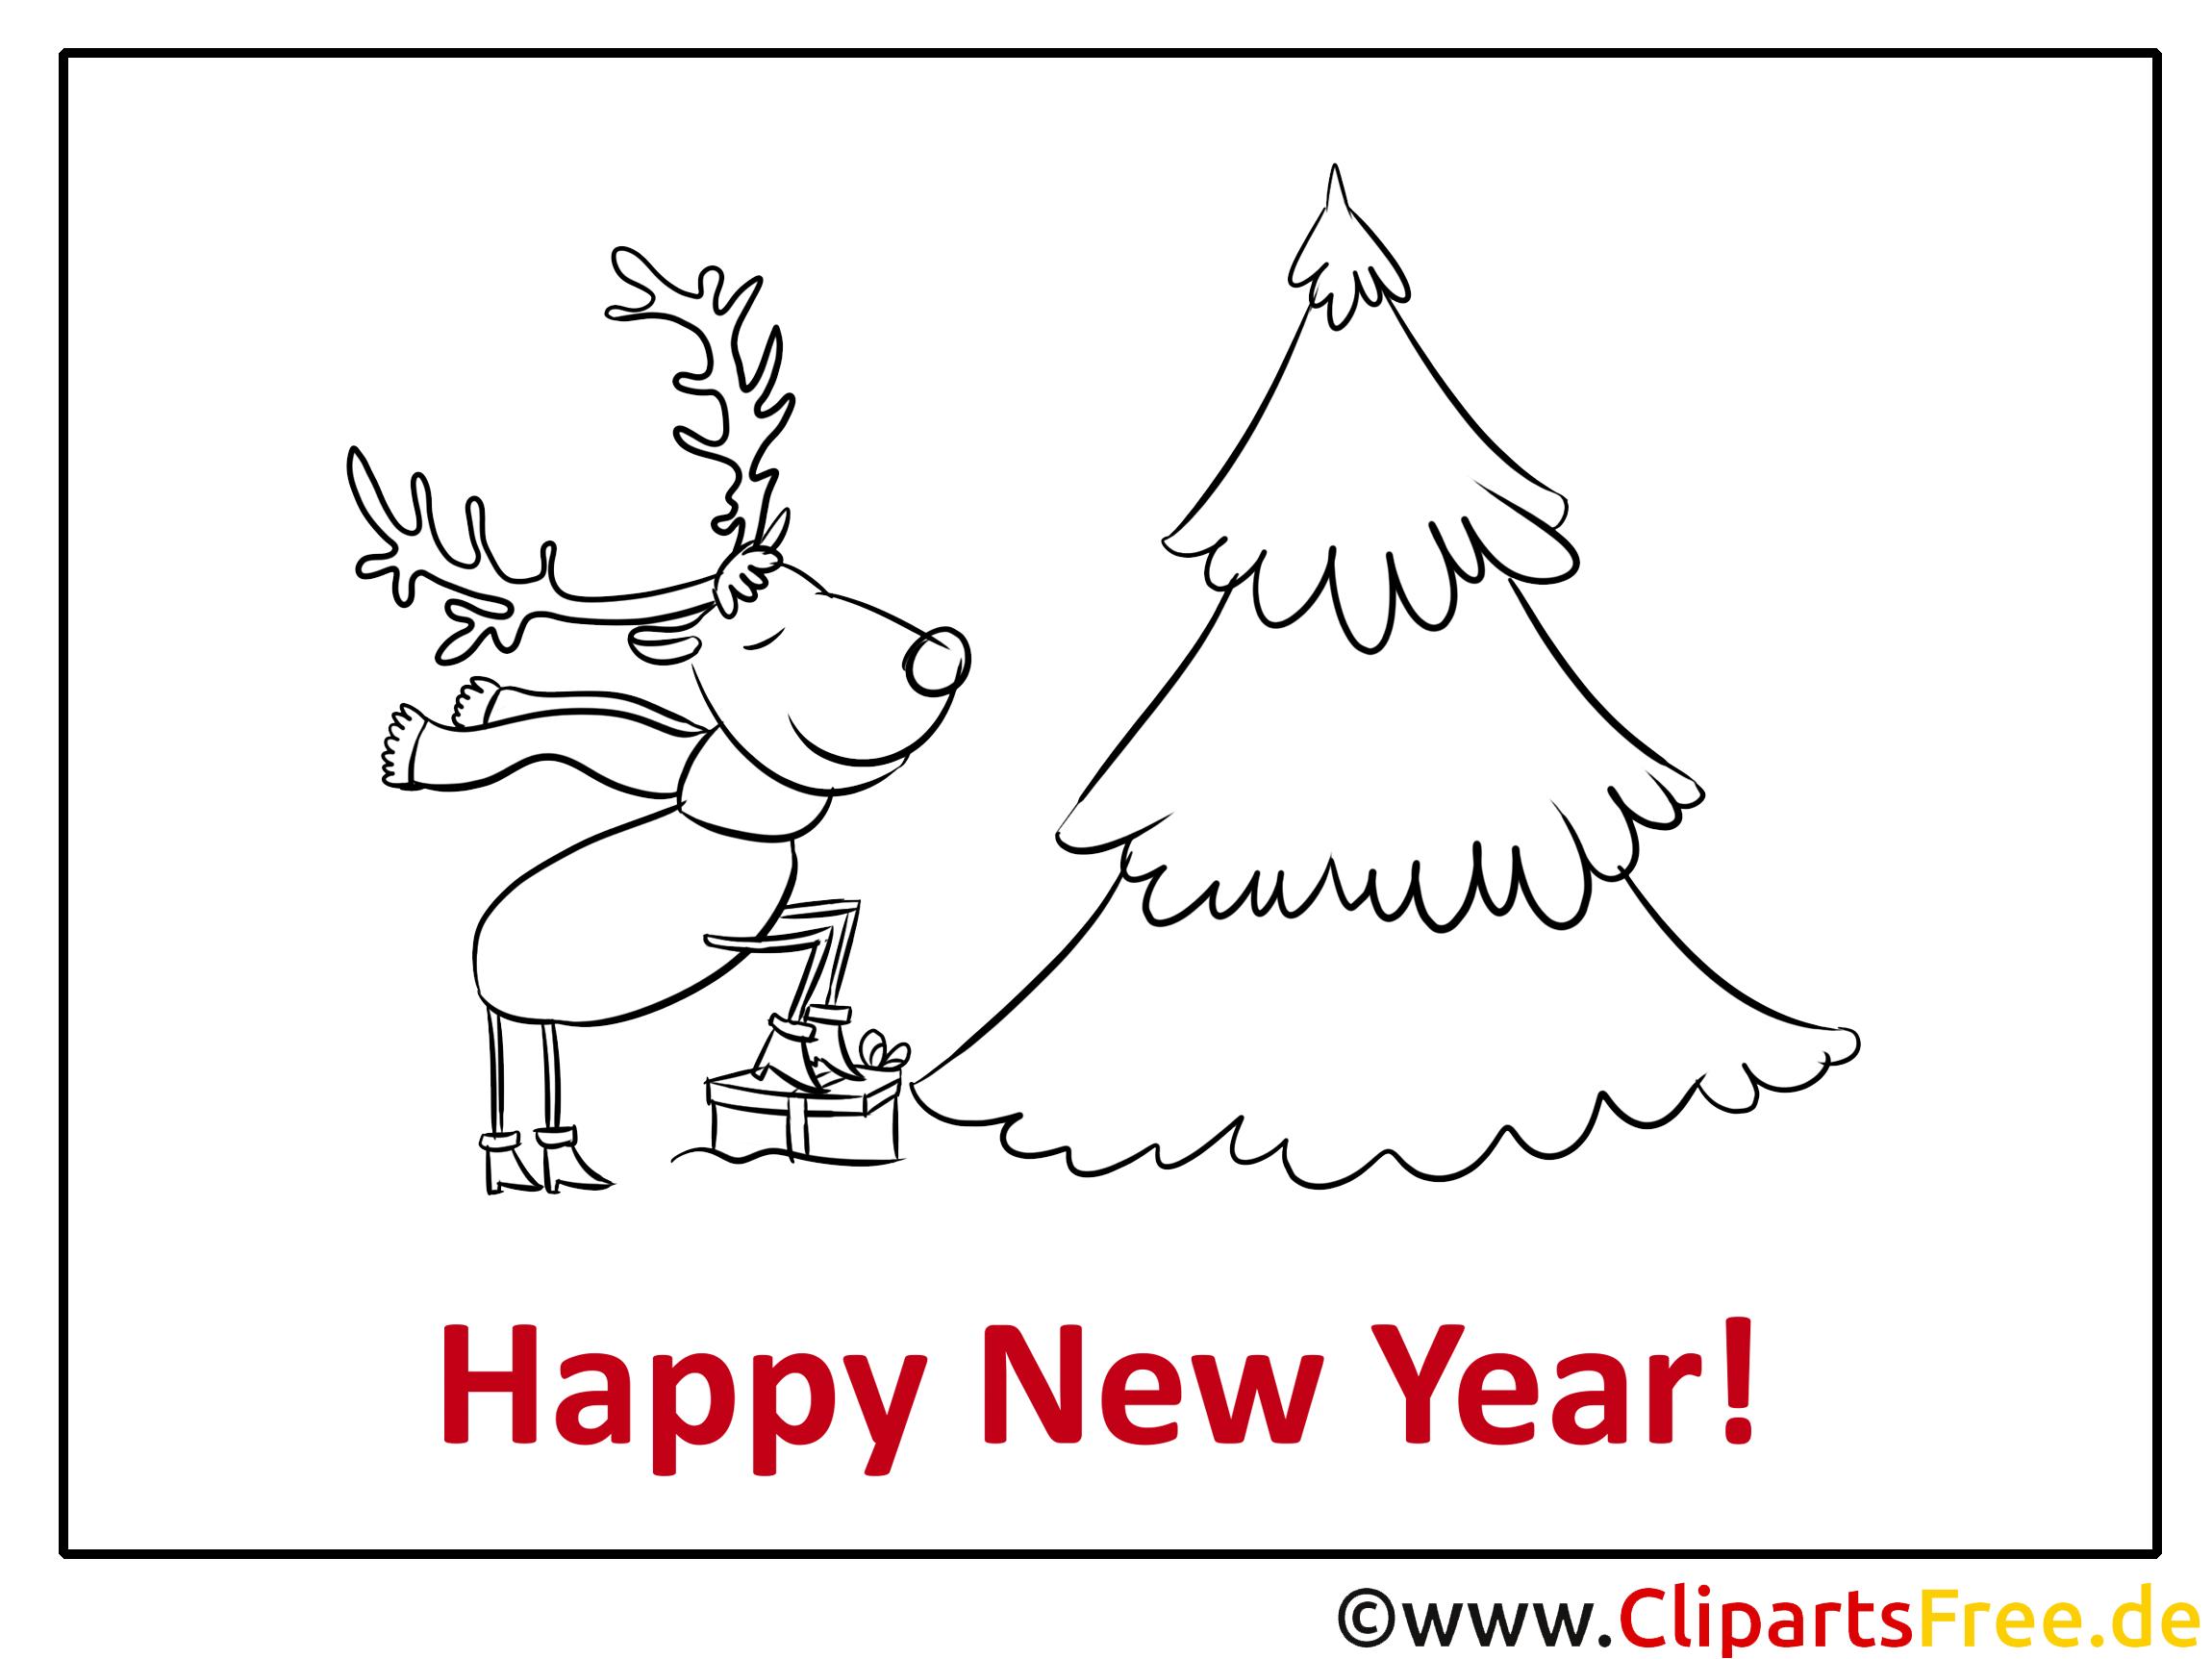 hirsch tannenbaum happy new year coloring malvorlage